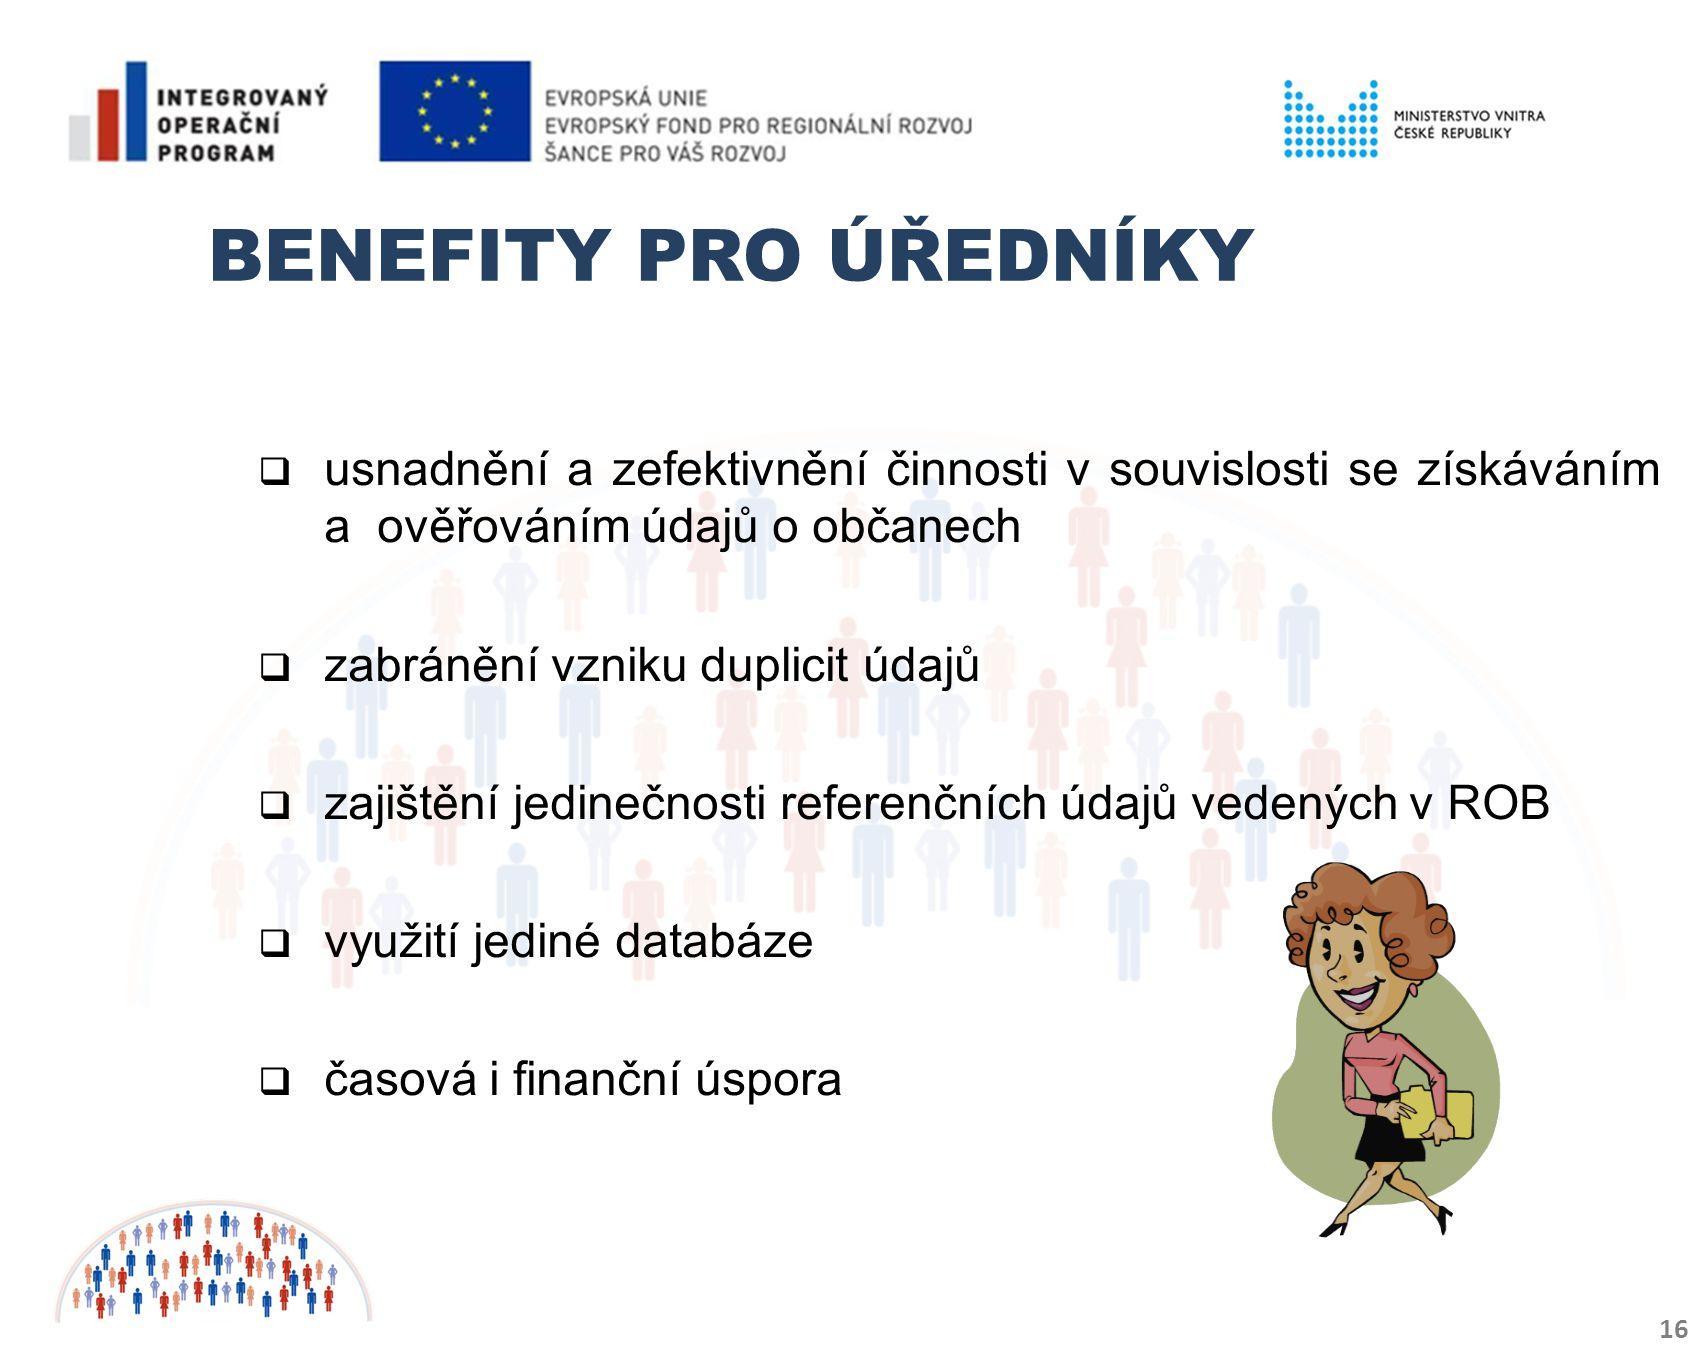 Benefity pro úředníky usnadnění a zefektivnění činnosti v souvislosti se získáváním a ověřováním údajů o občanech.